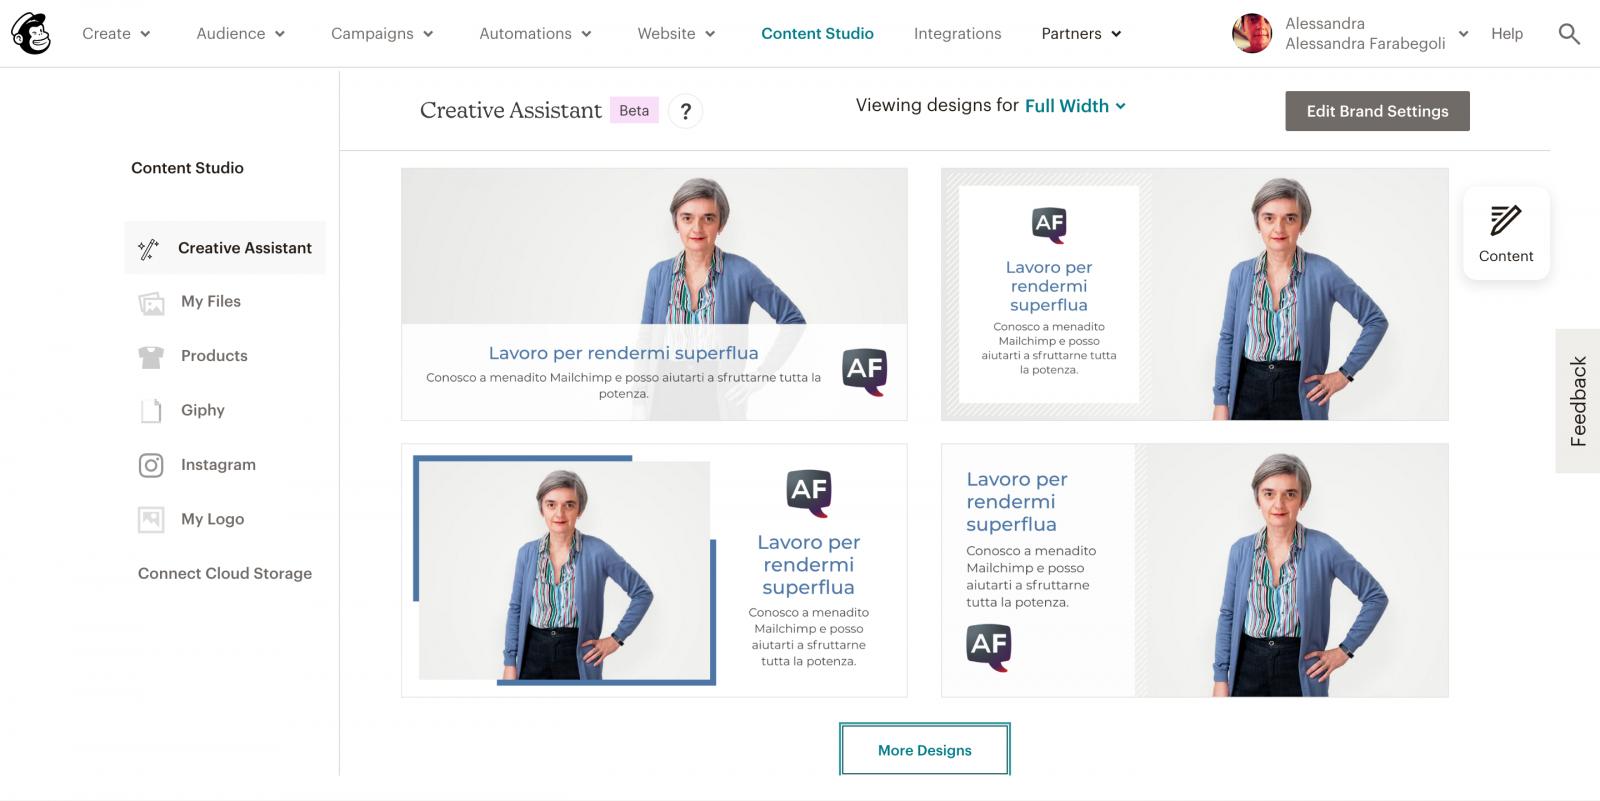 Esempi di grafiche create dal Creative Assistant